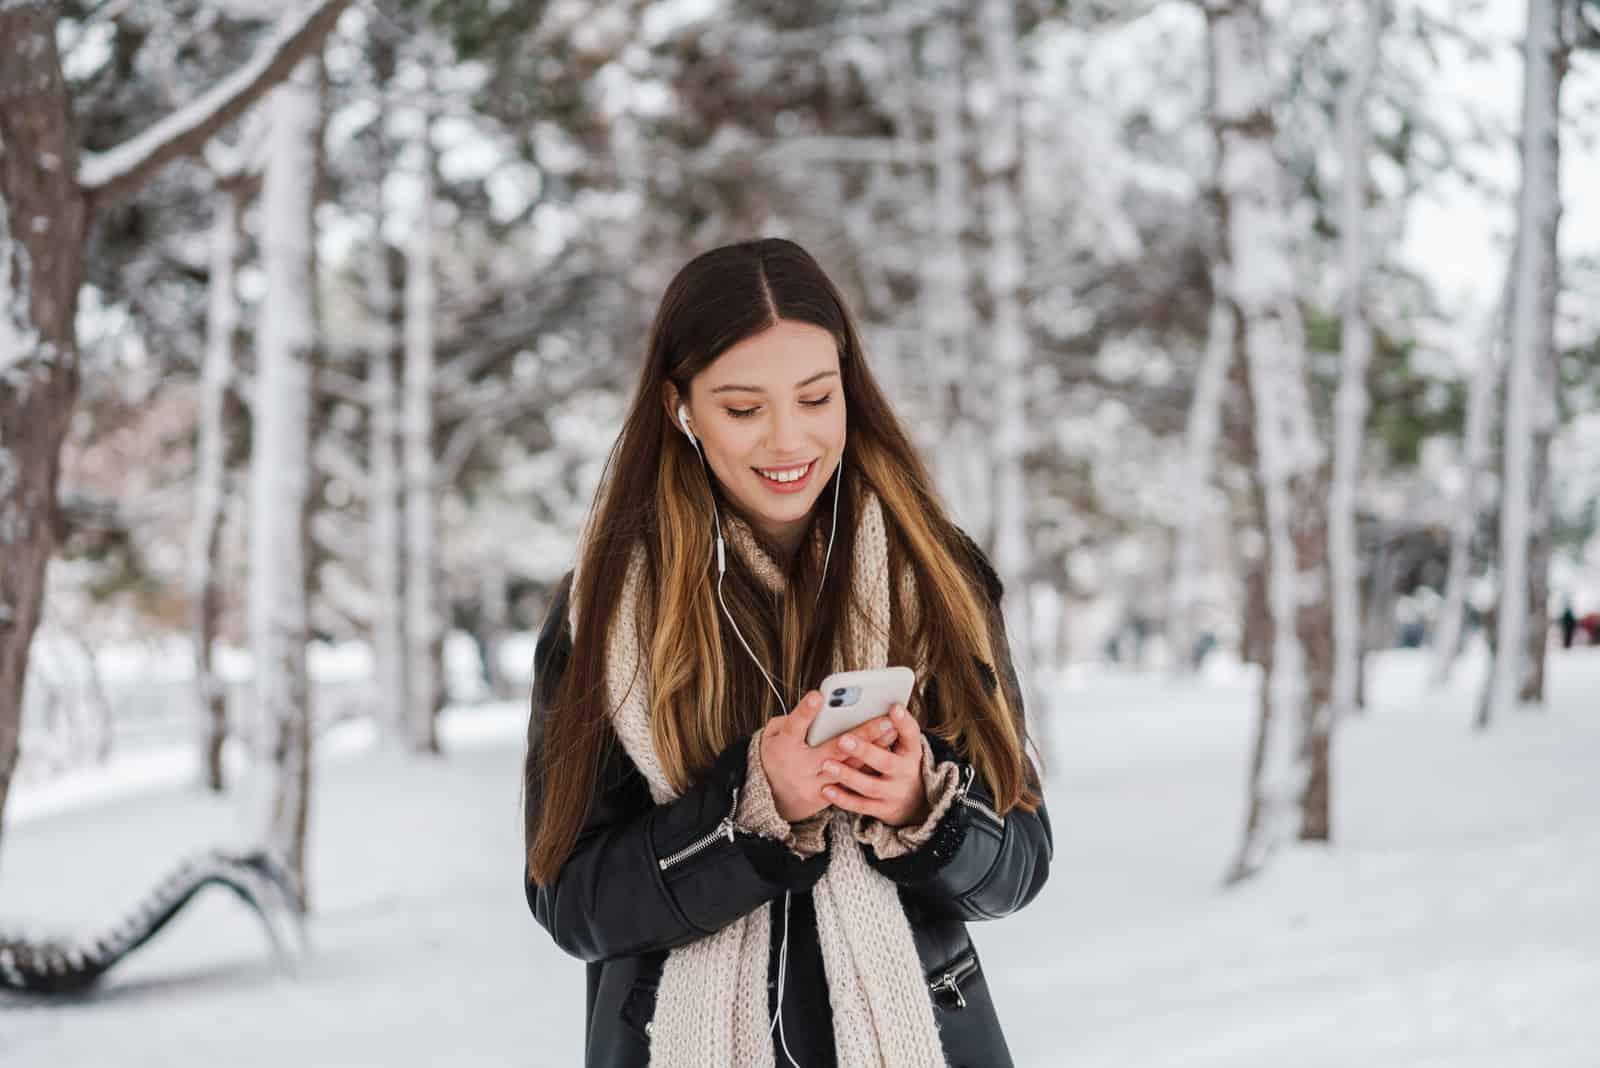 eine Frau steht im Schnee und ein Knopf am Telefon